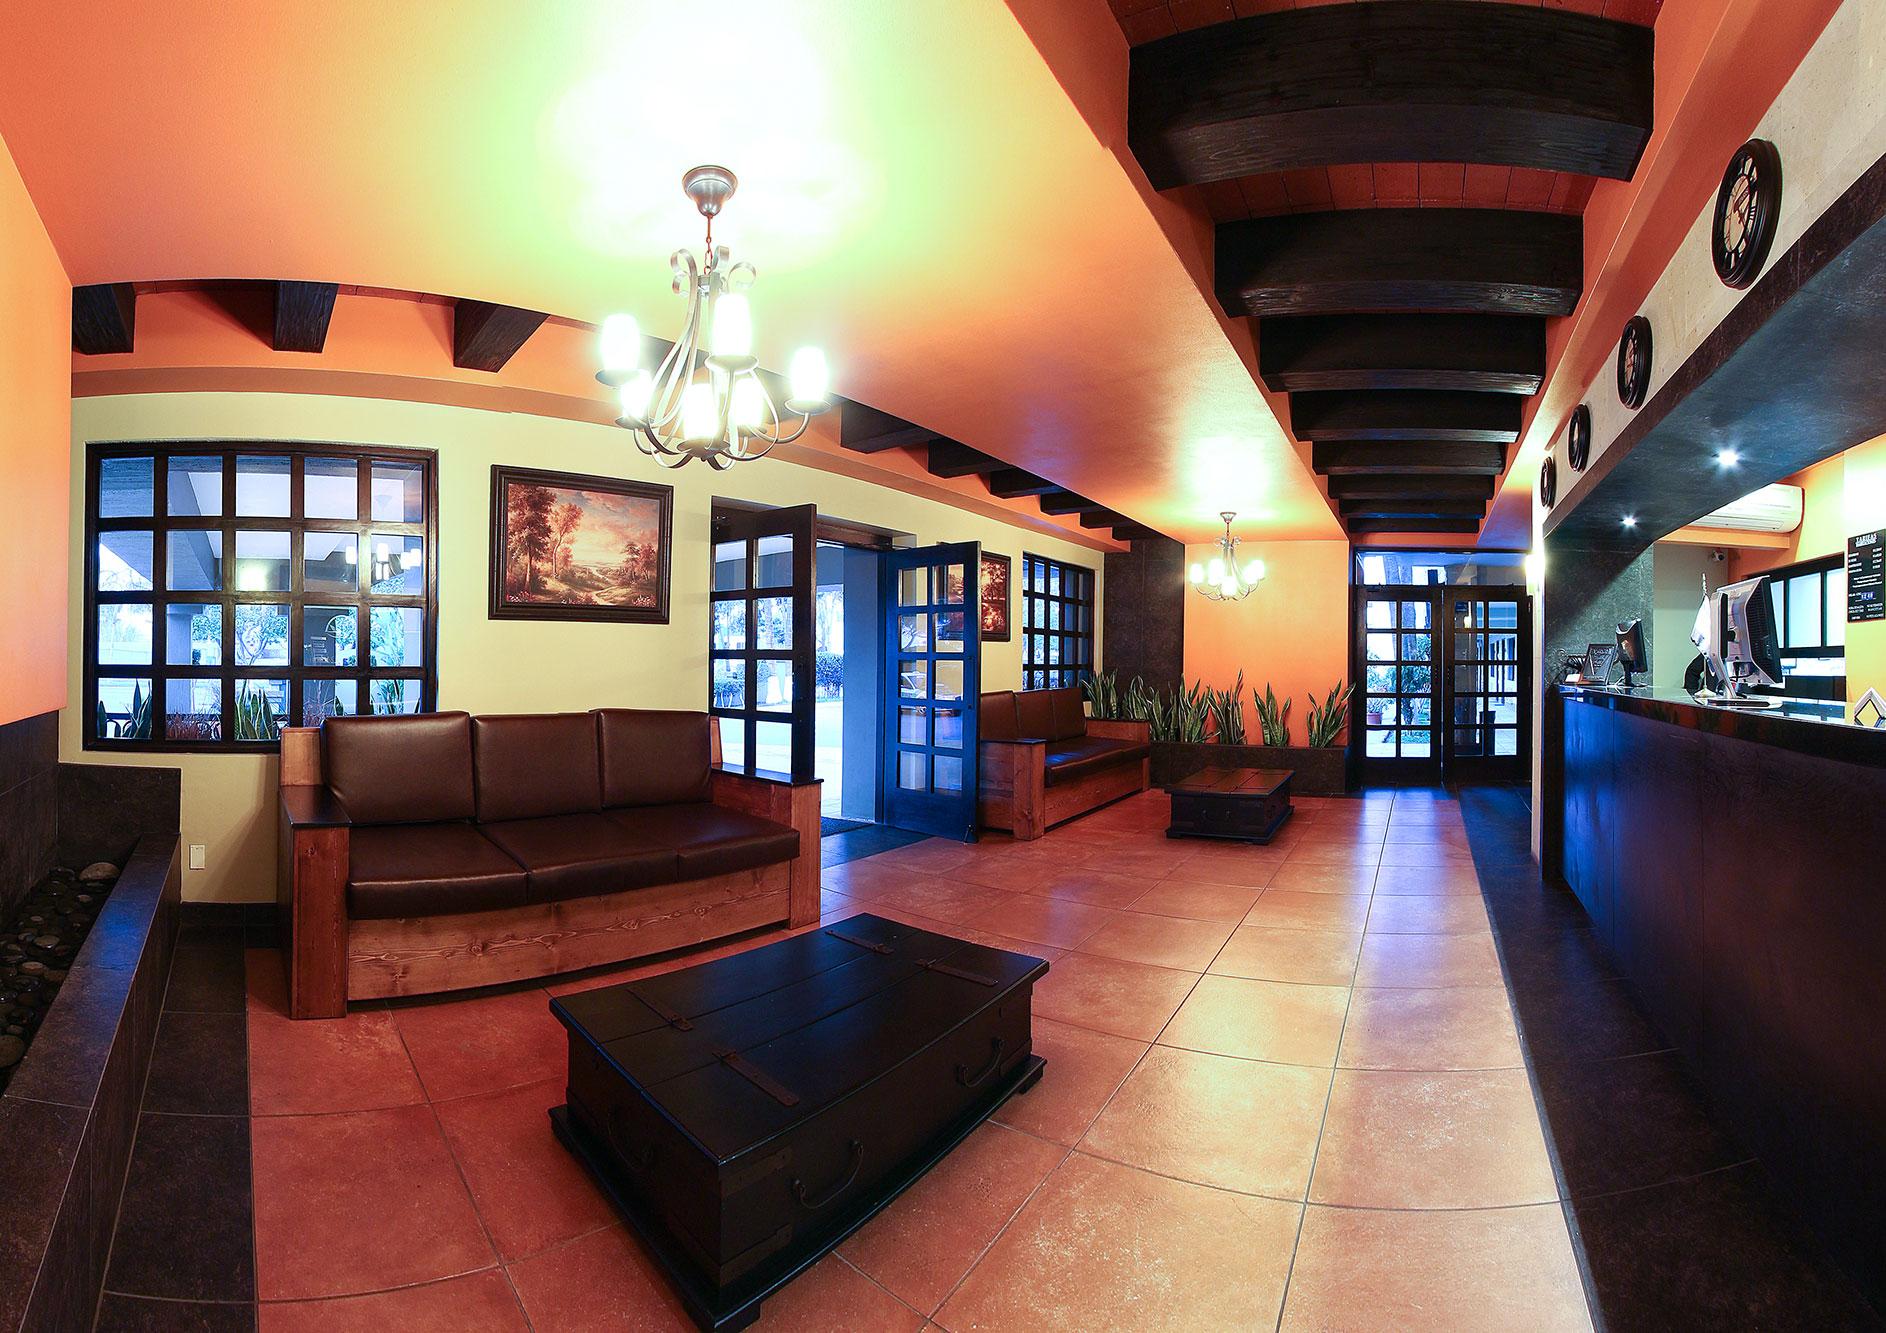 recepcion hotel hacienda del rio tijuana